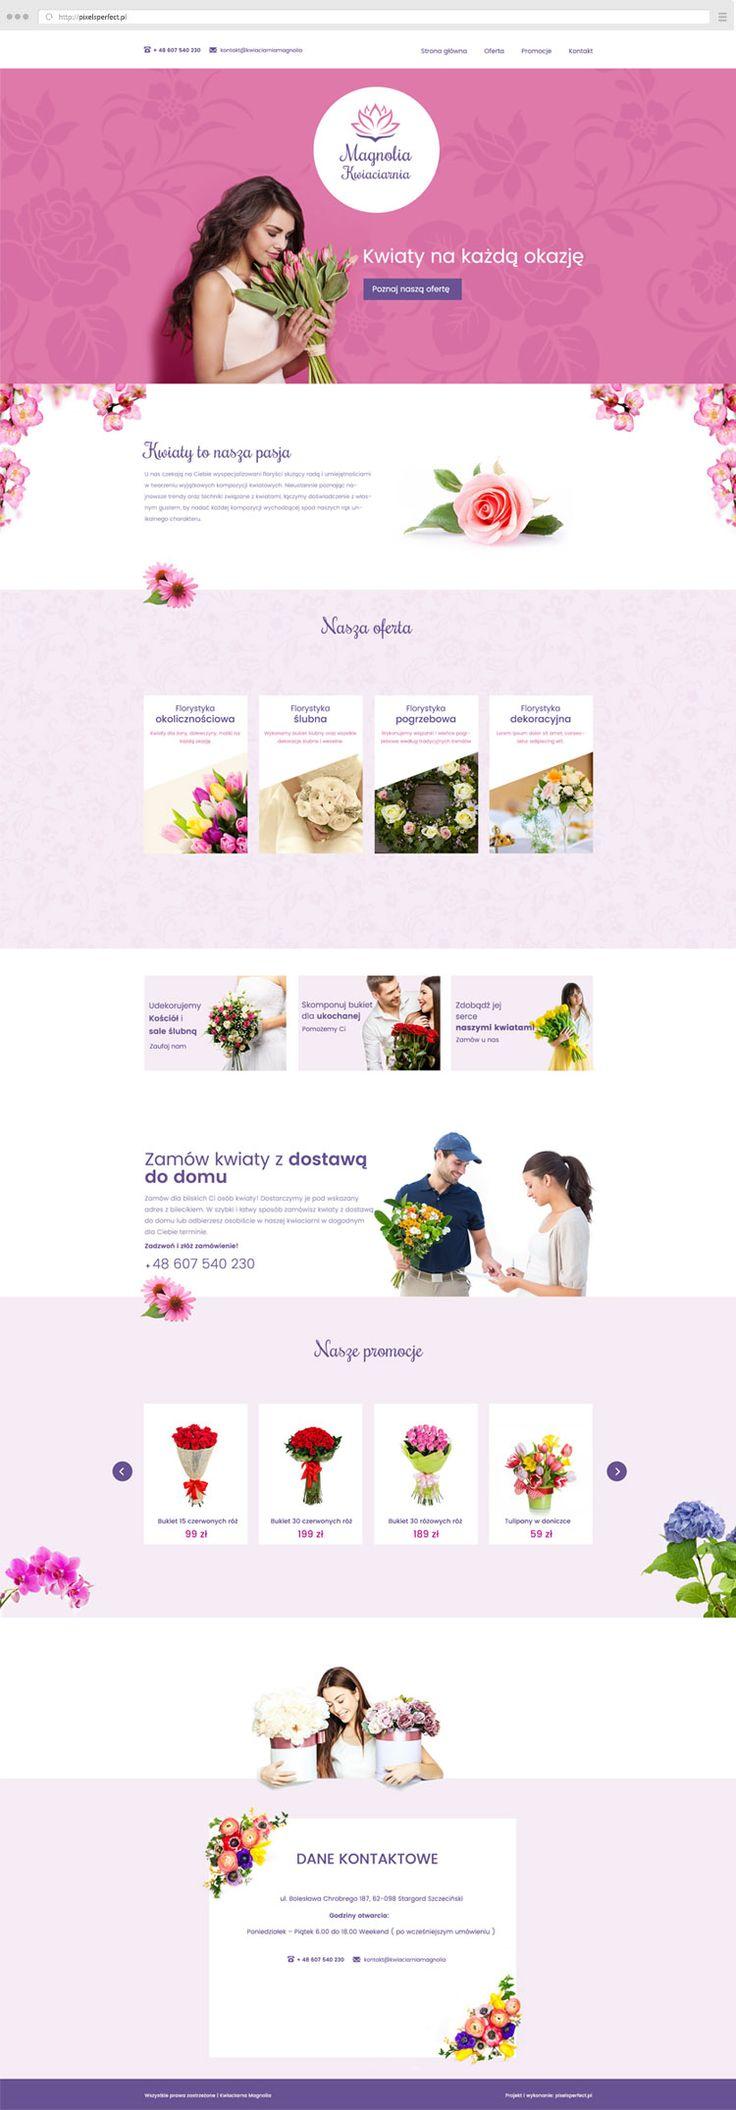 Flowers shop | pixelsperfect.pl projektowanie stron internetowych Konin